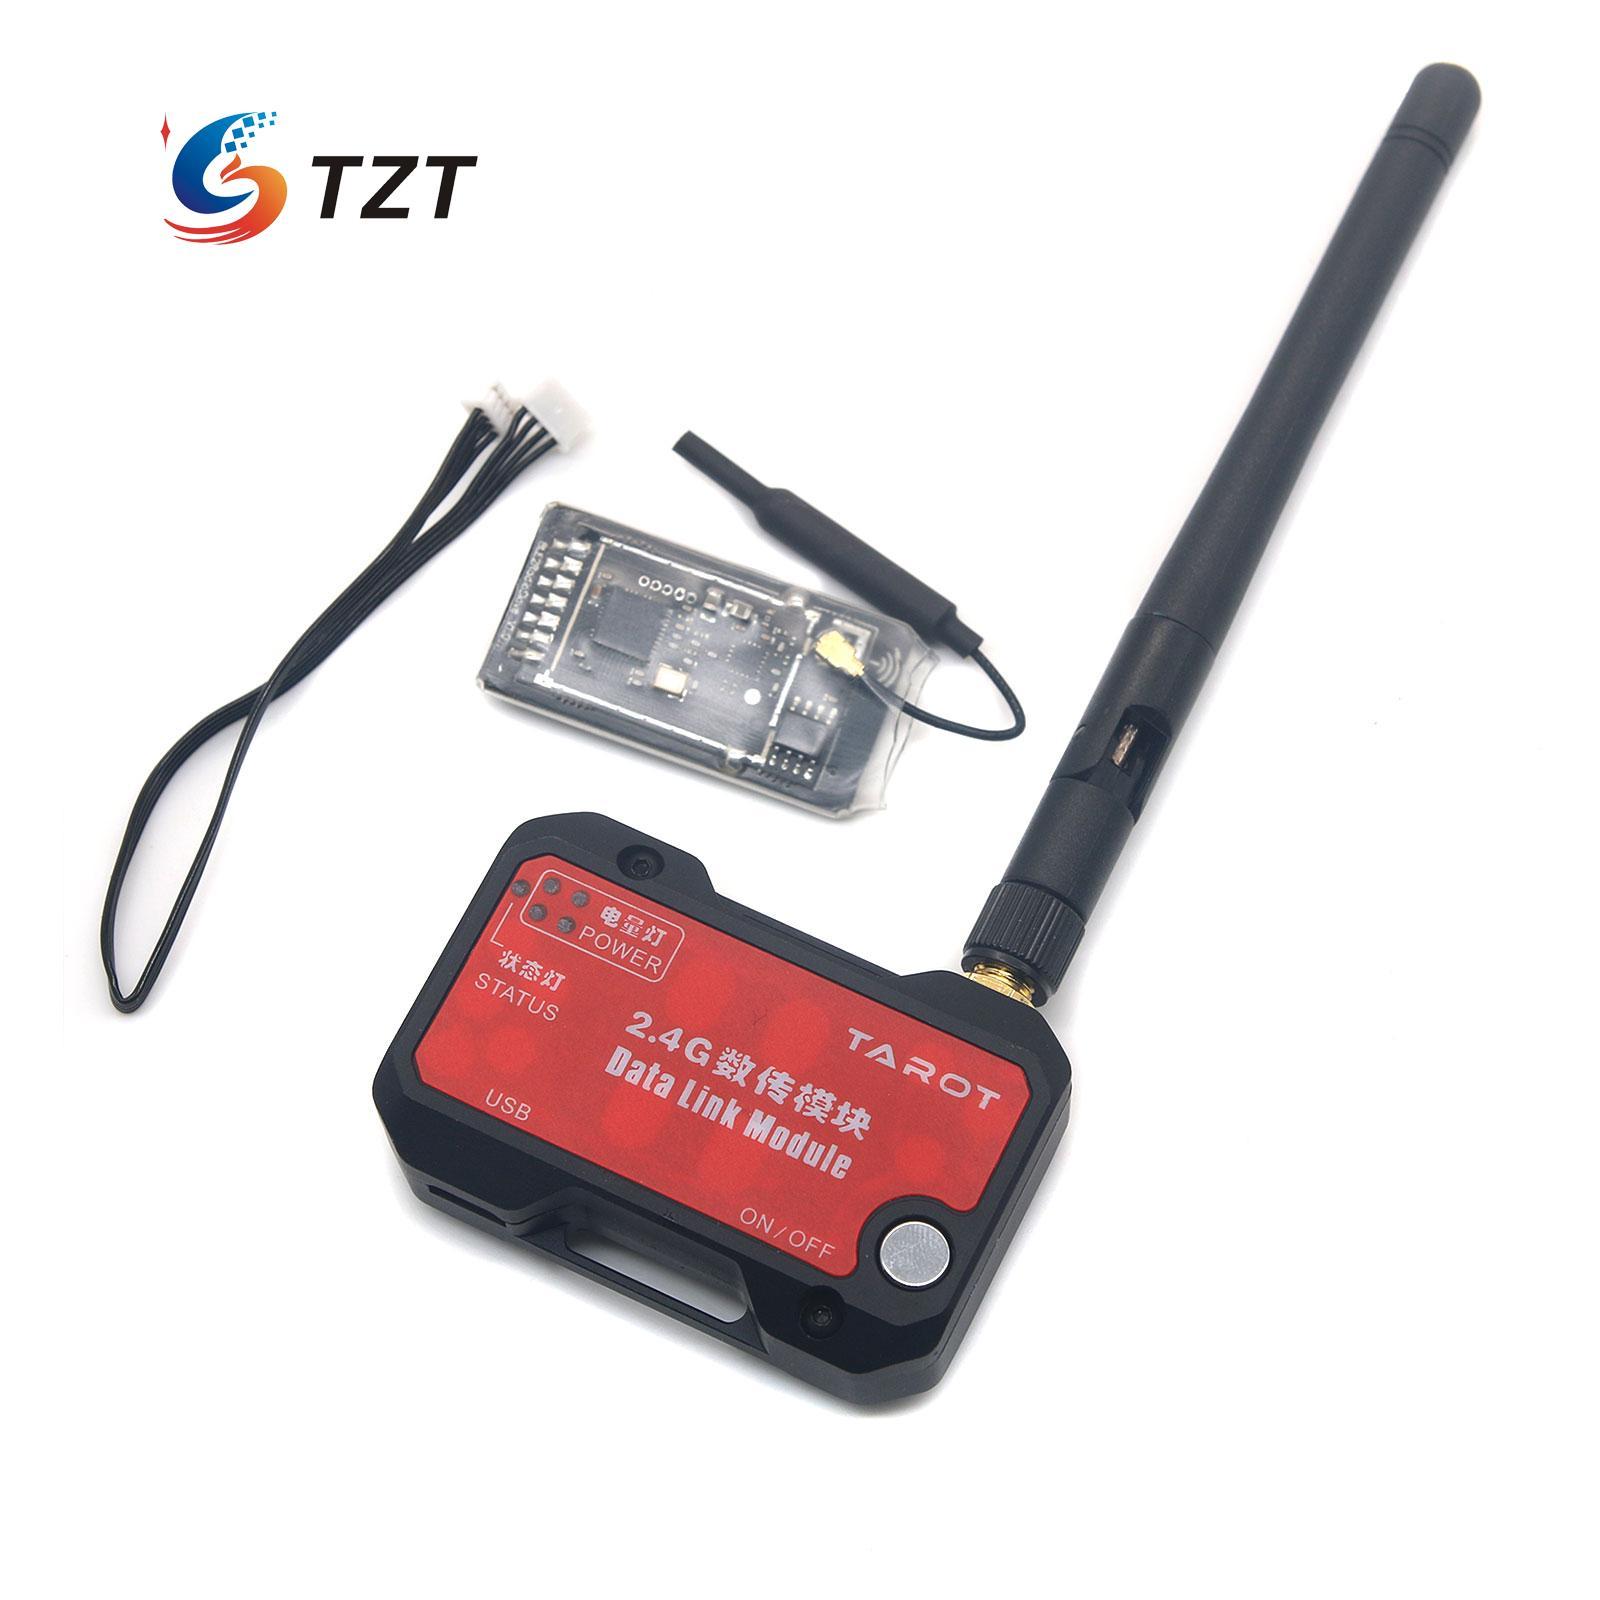 2017 New Tarot ZYX-BD 2.4G Bluetooth Data Link Module ZYX27 for ZYX-M Flight Controller